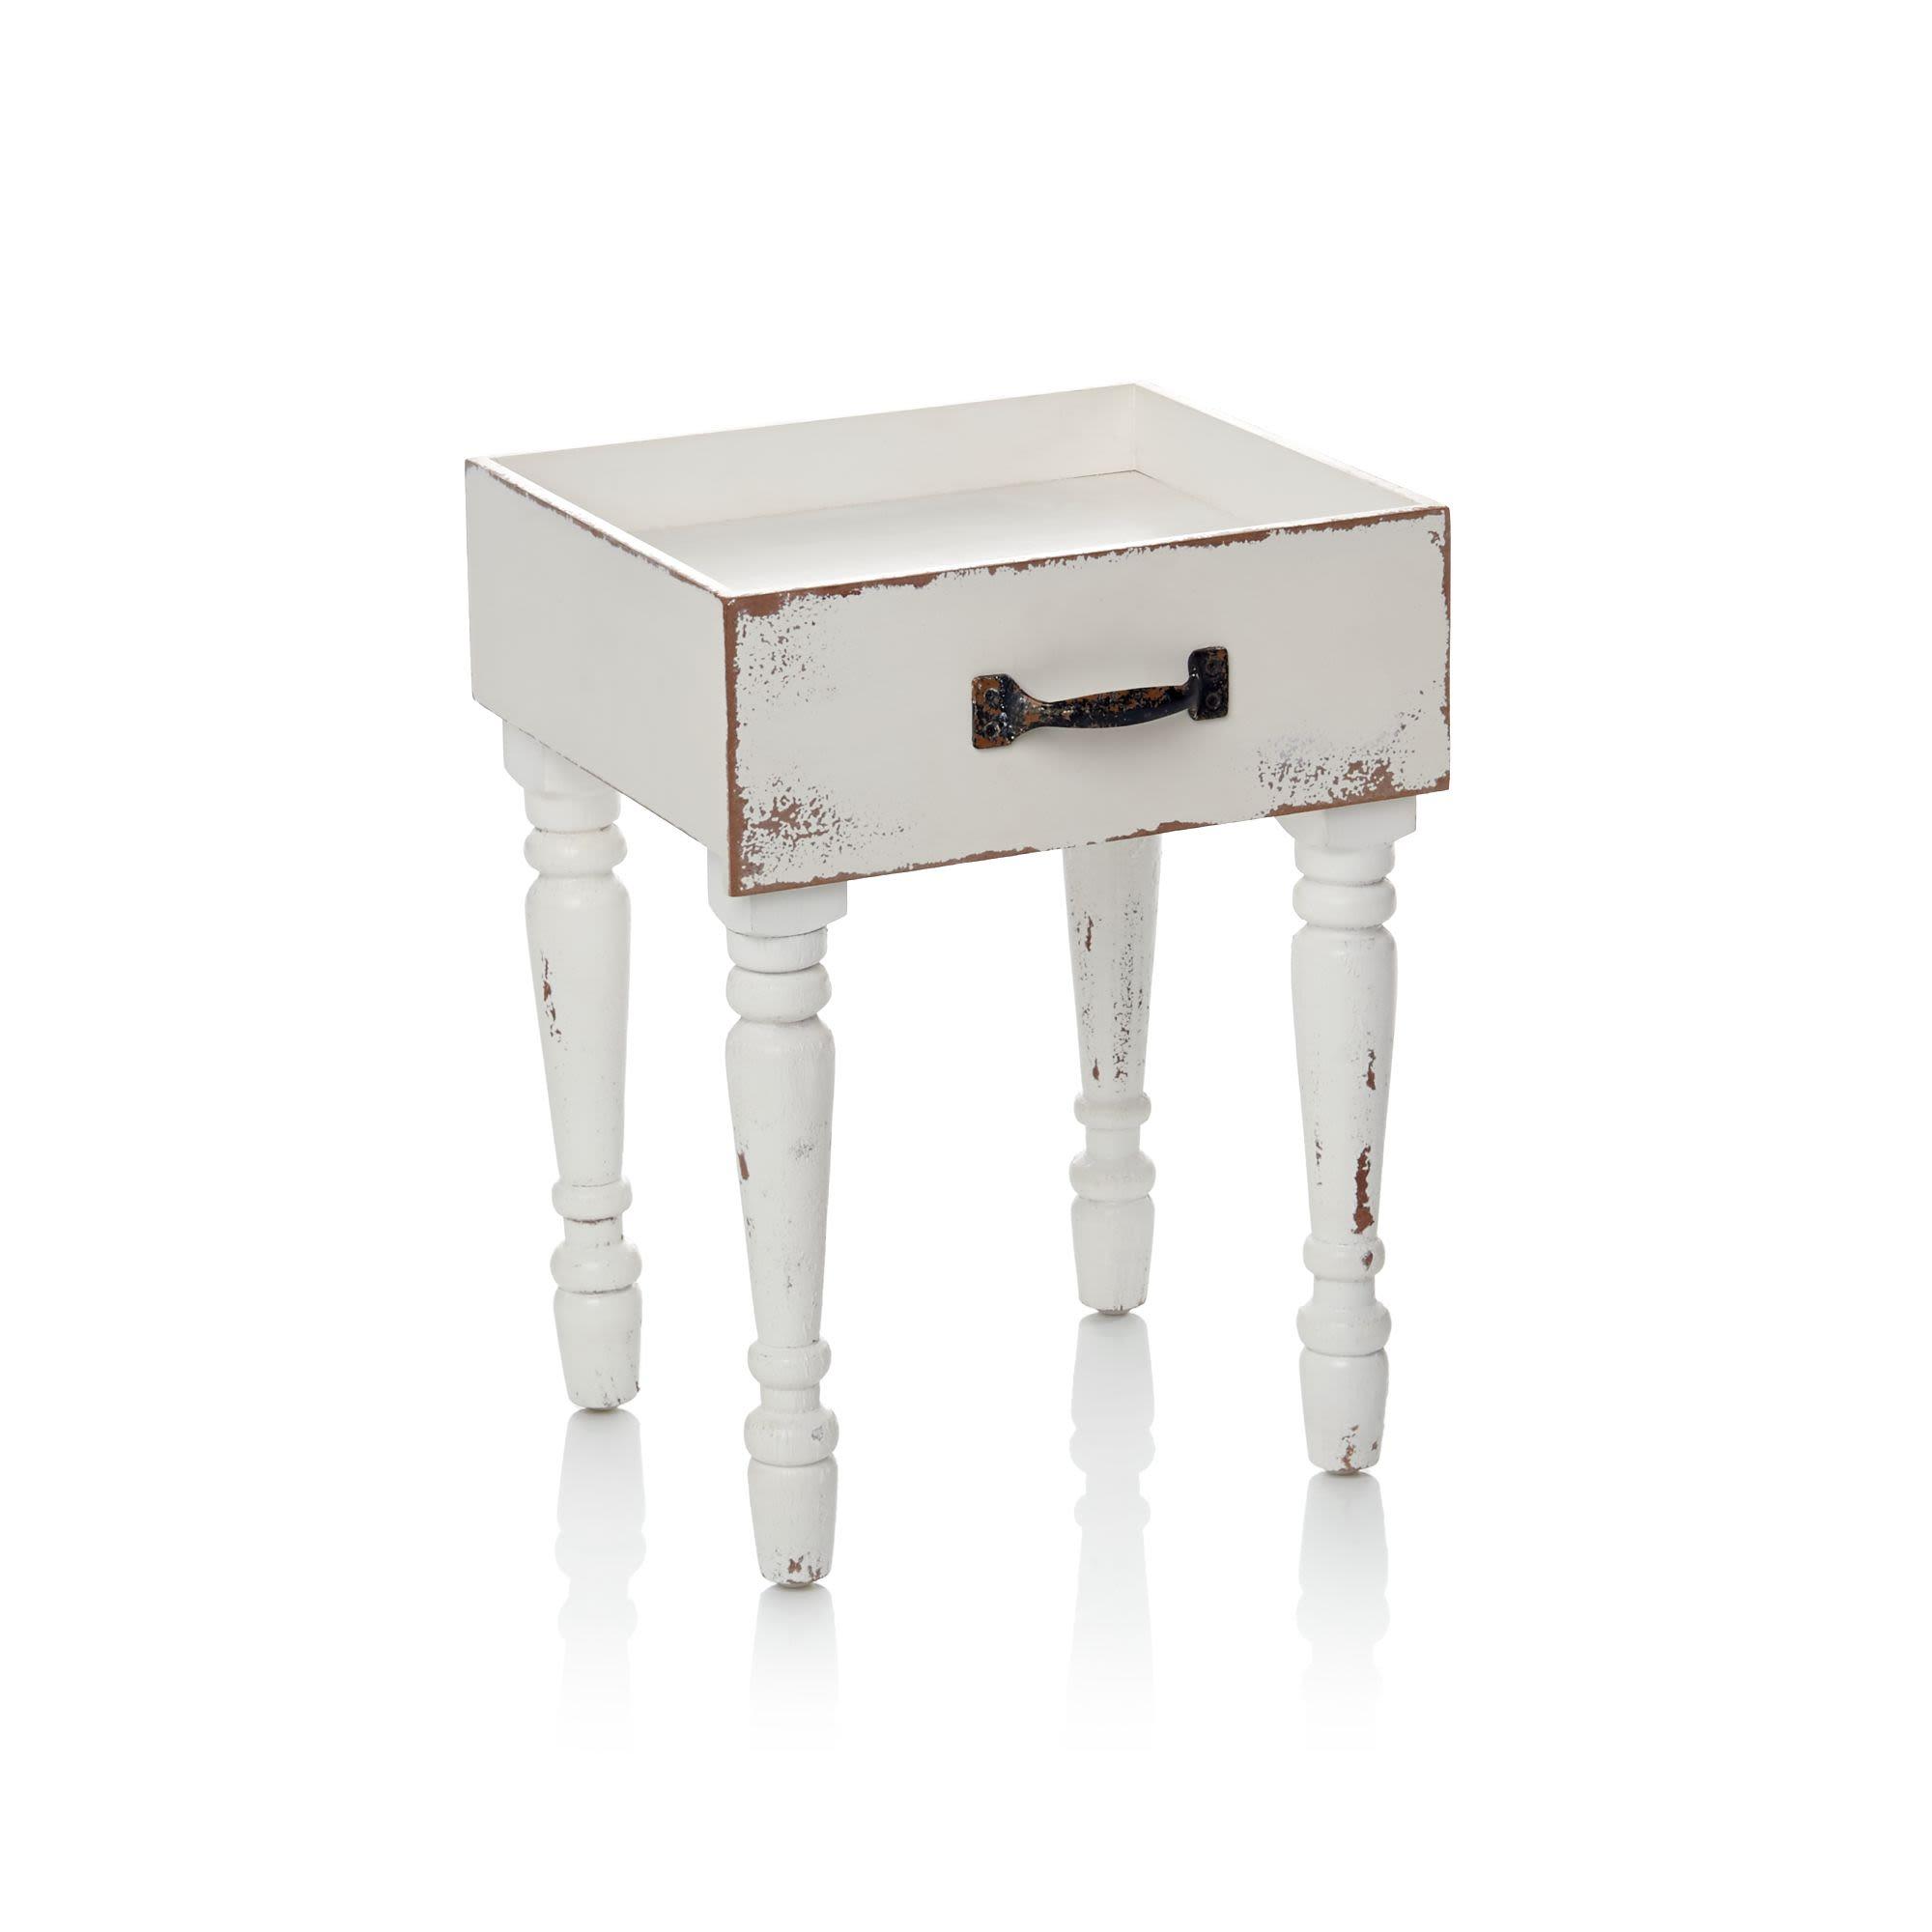 schrank schubladenschrank c490 beistelltisch mit schublade 40x30x50 cm smash. Black Bedroom Furniture Sets. Home Design Ideas